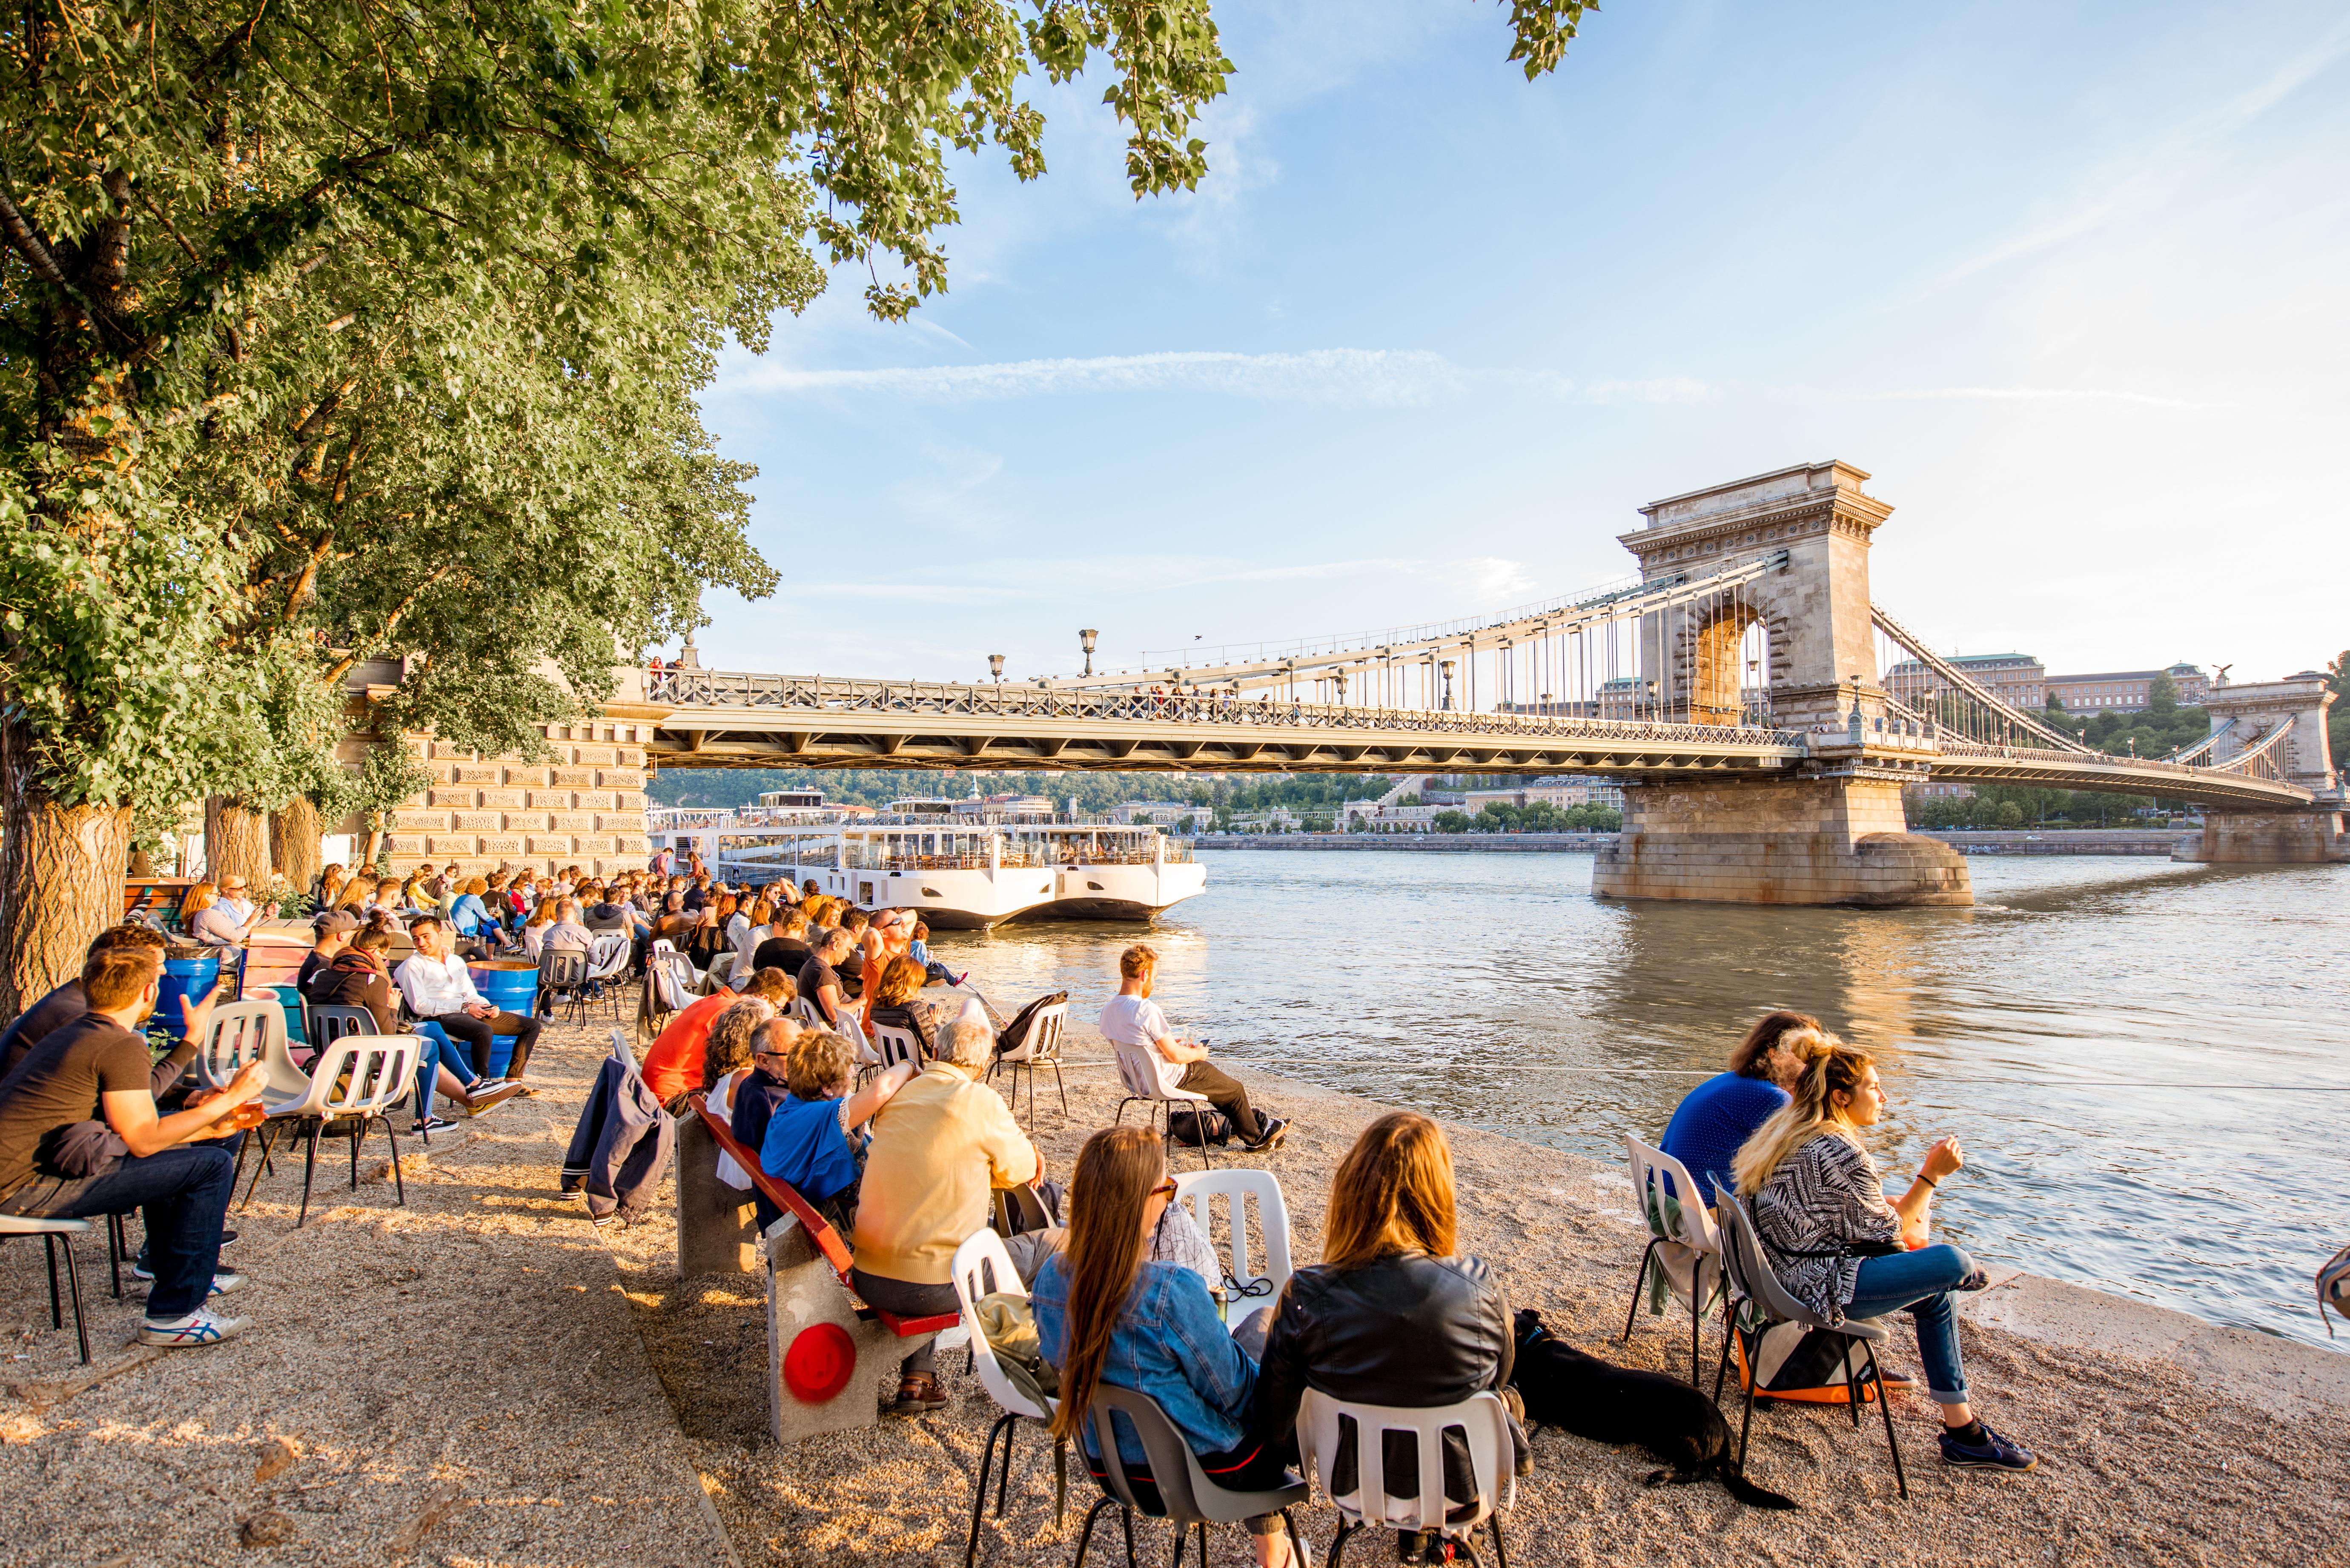 Budapesten az élet: több a pénz, több a szórakozás, kevesebb az idő